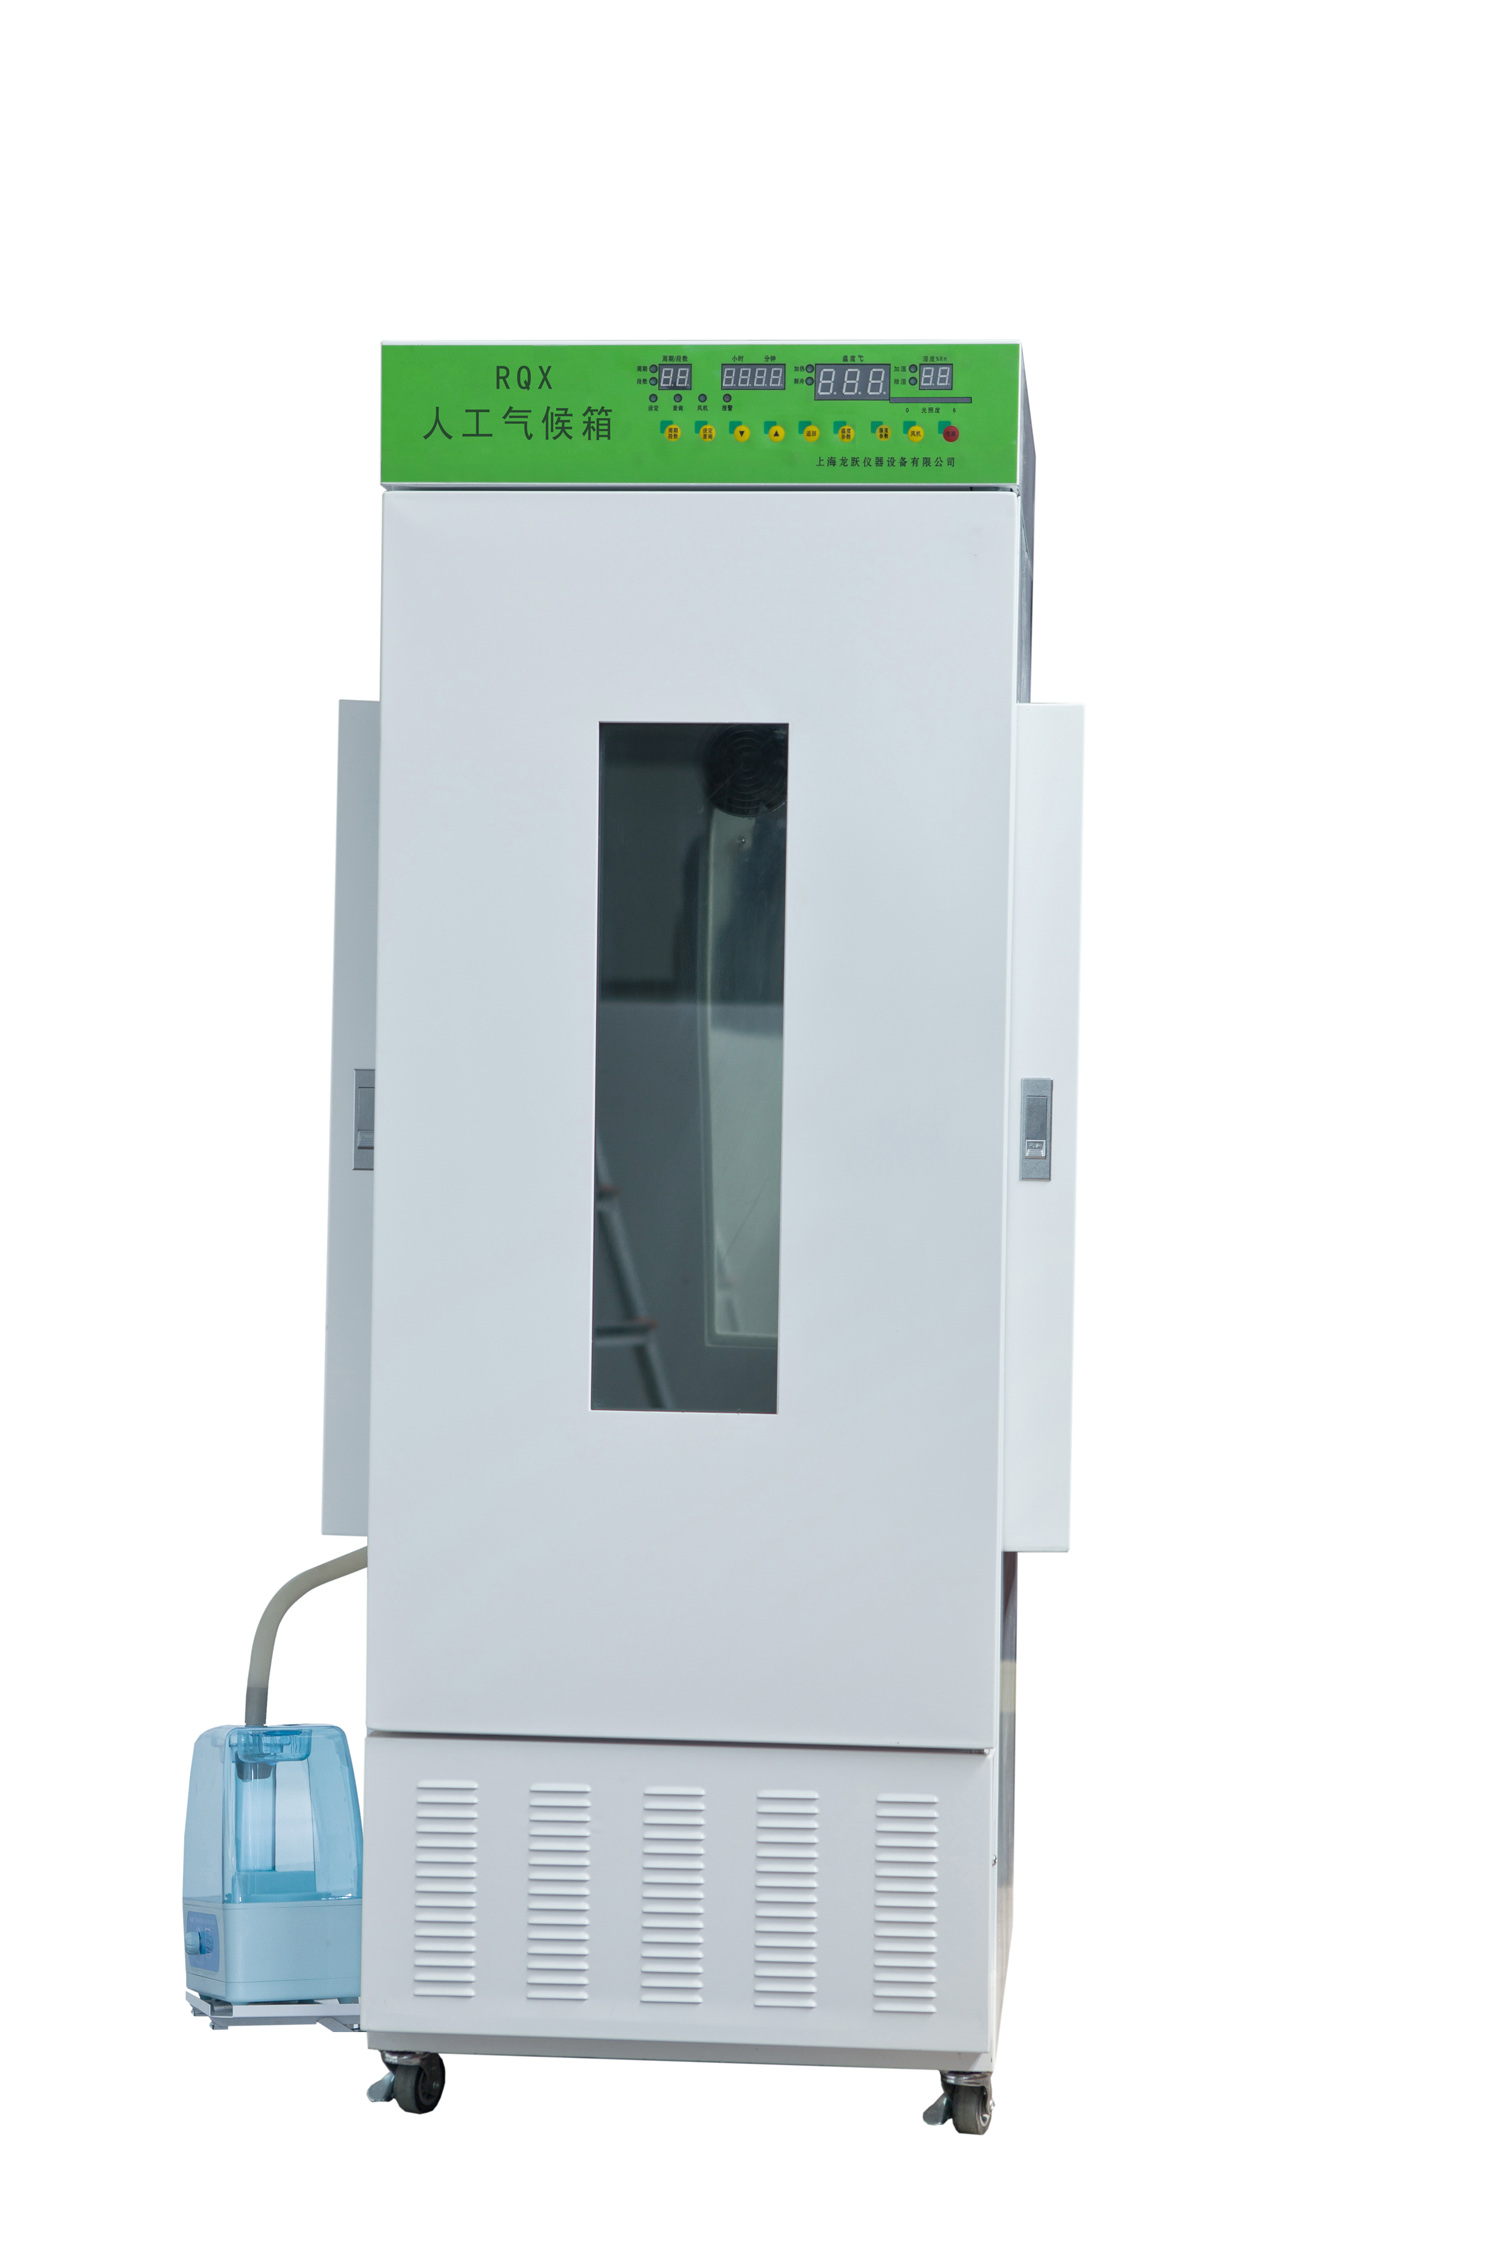 龙跃RQX系列智能型人工气候箱 RQX-150B